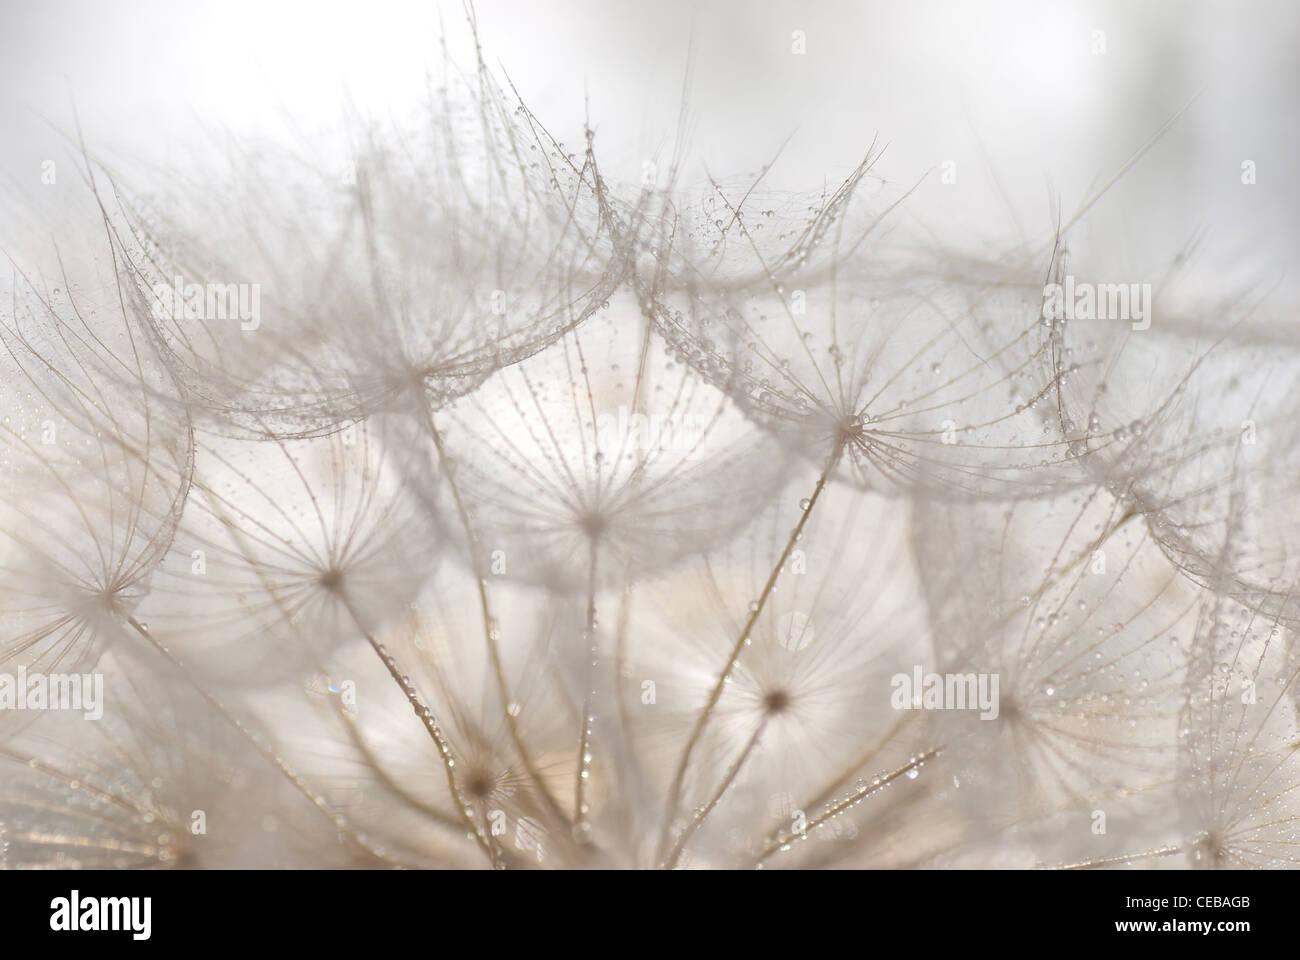 dandelion white dew morning fresh soft light  macro - Stock Image